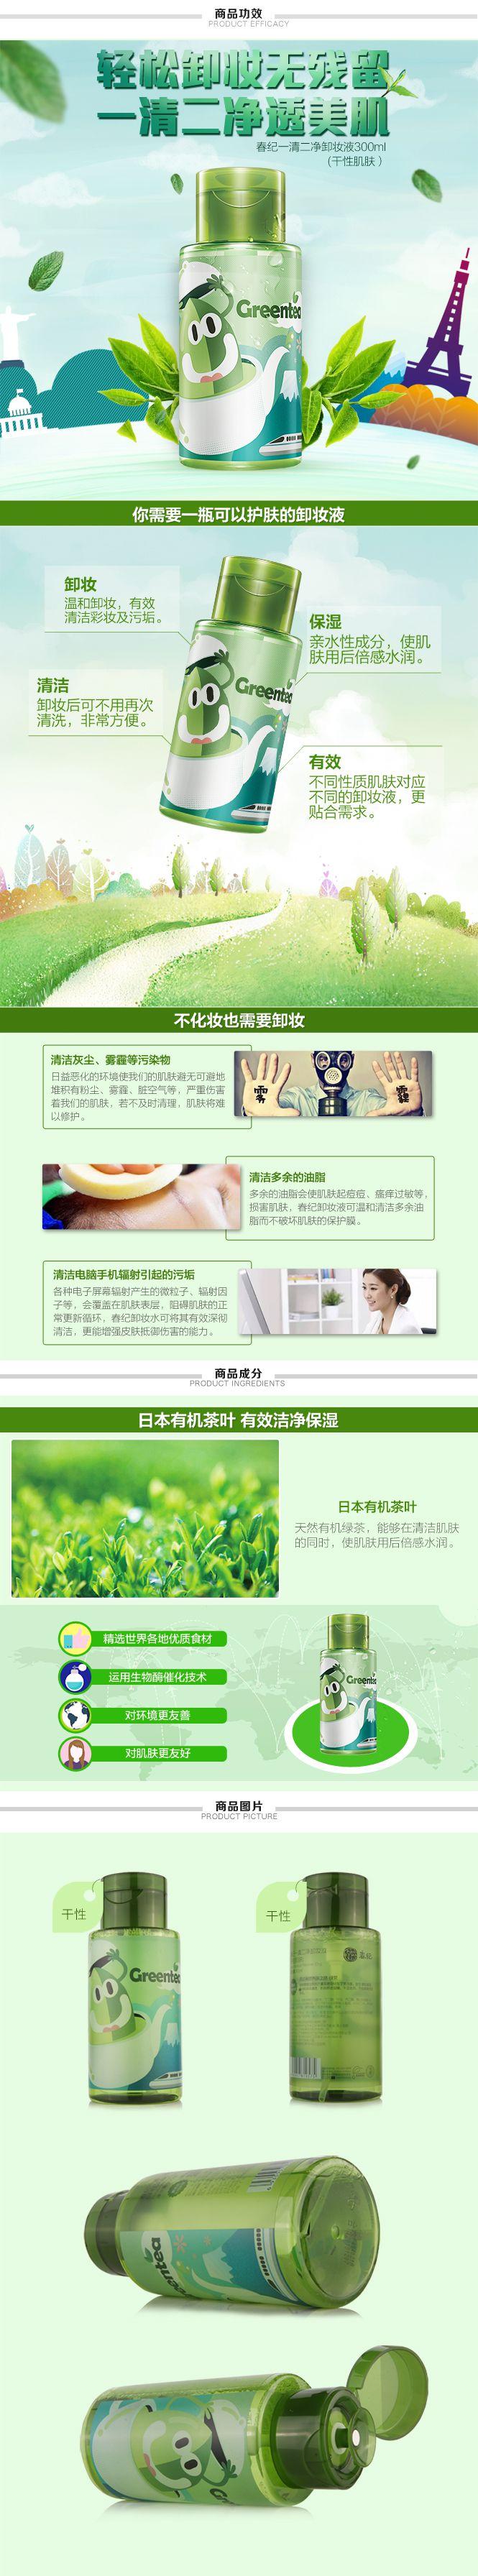 功效_美妆特卖 春纪护肤品专场 一清二净卸妆液(干性肌肤)300ml  产品功效